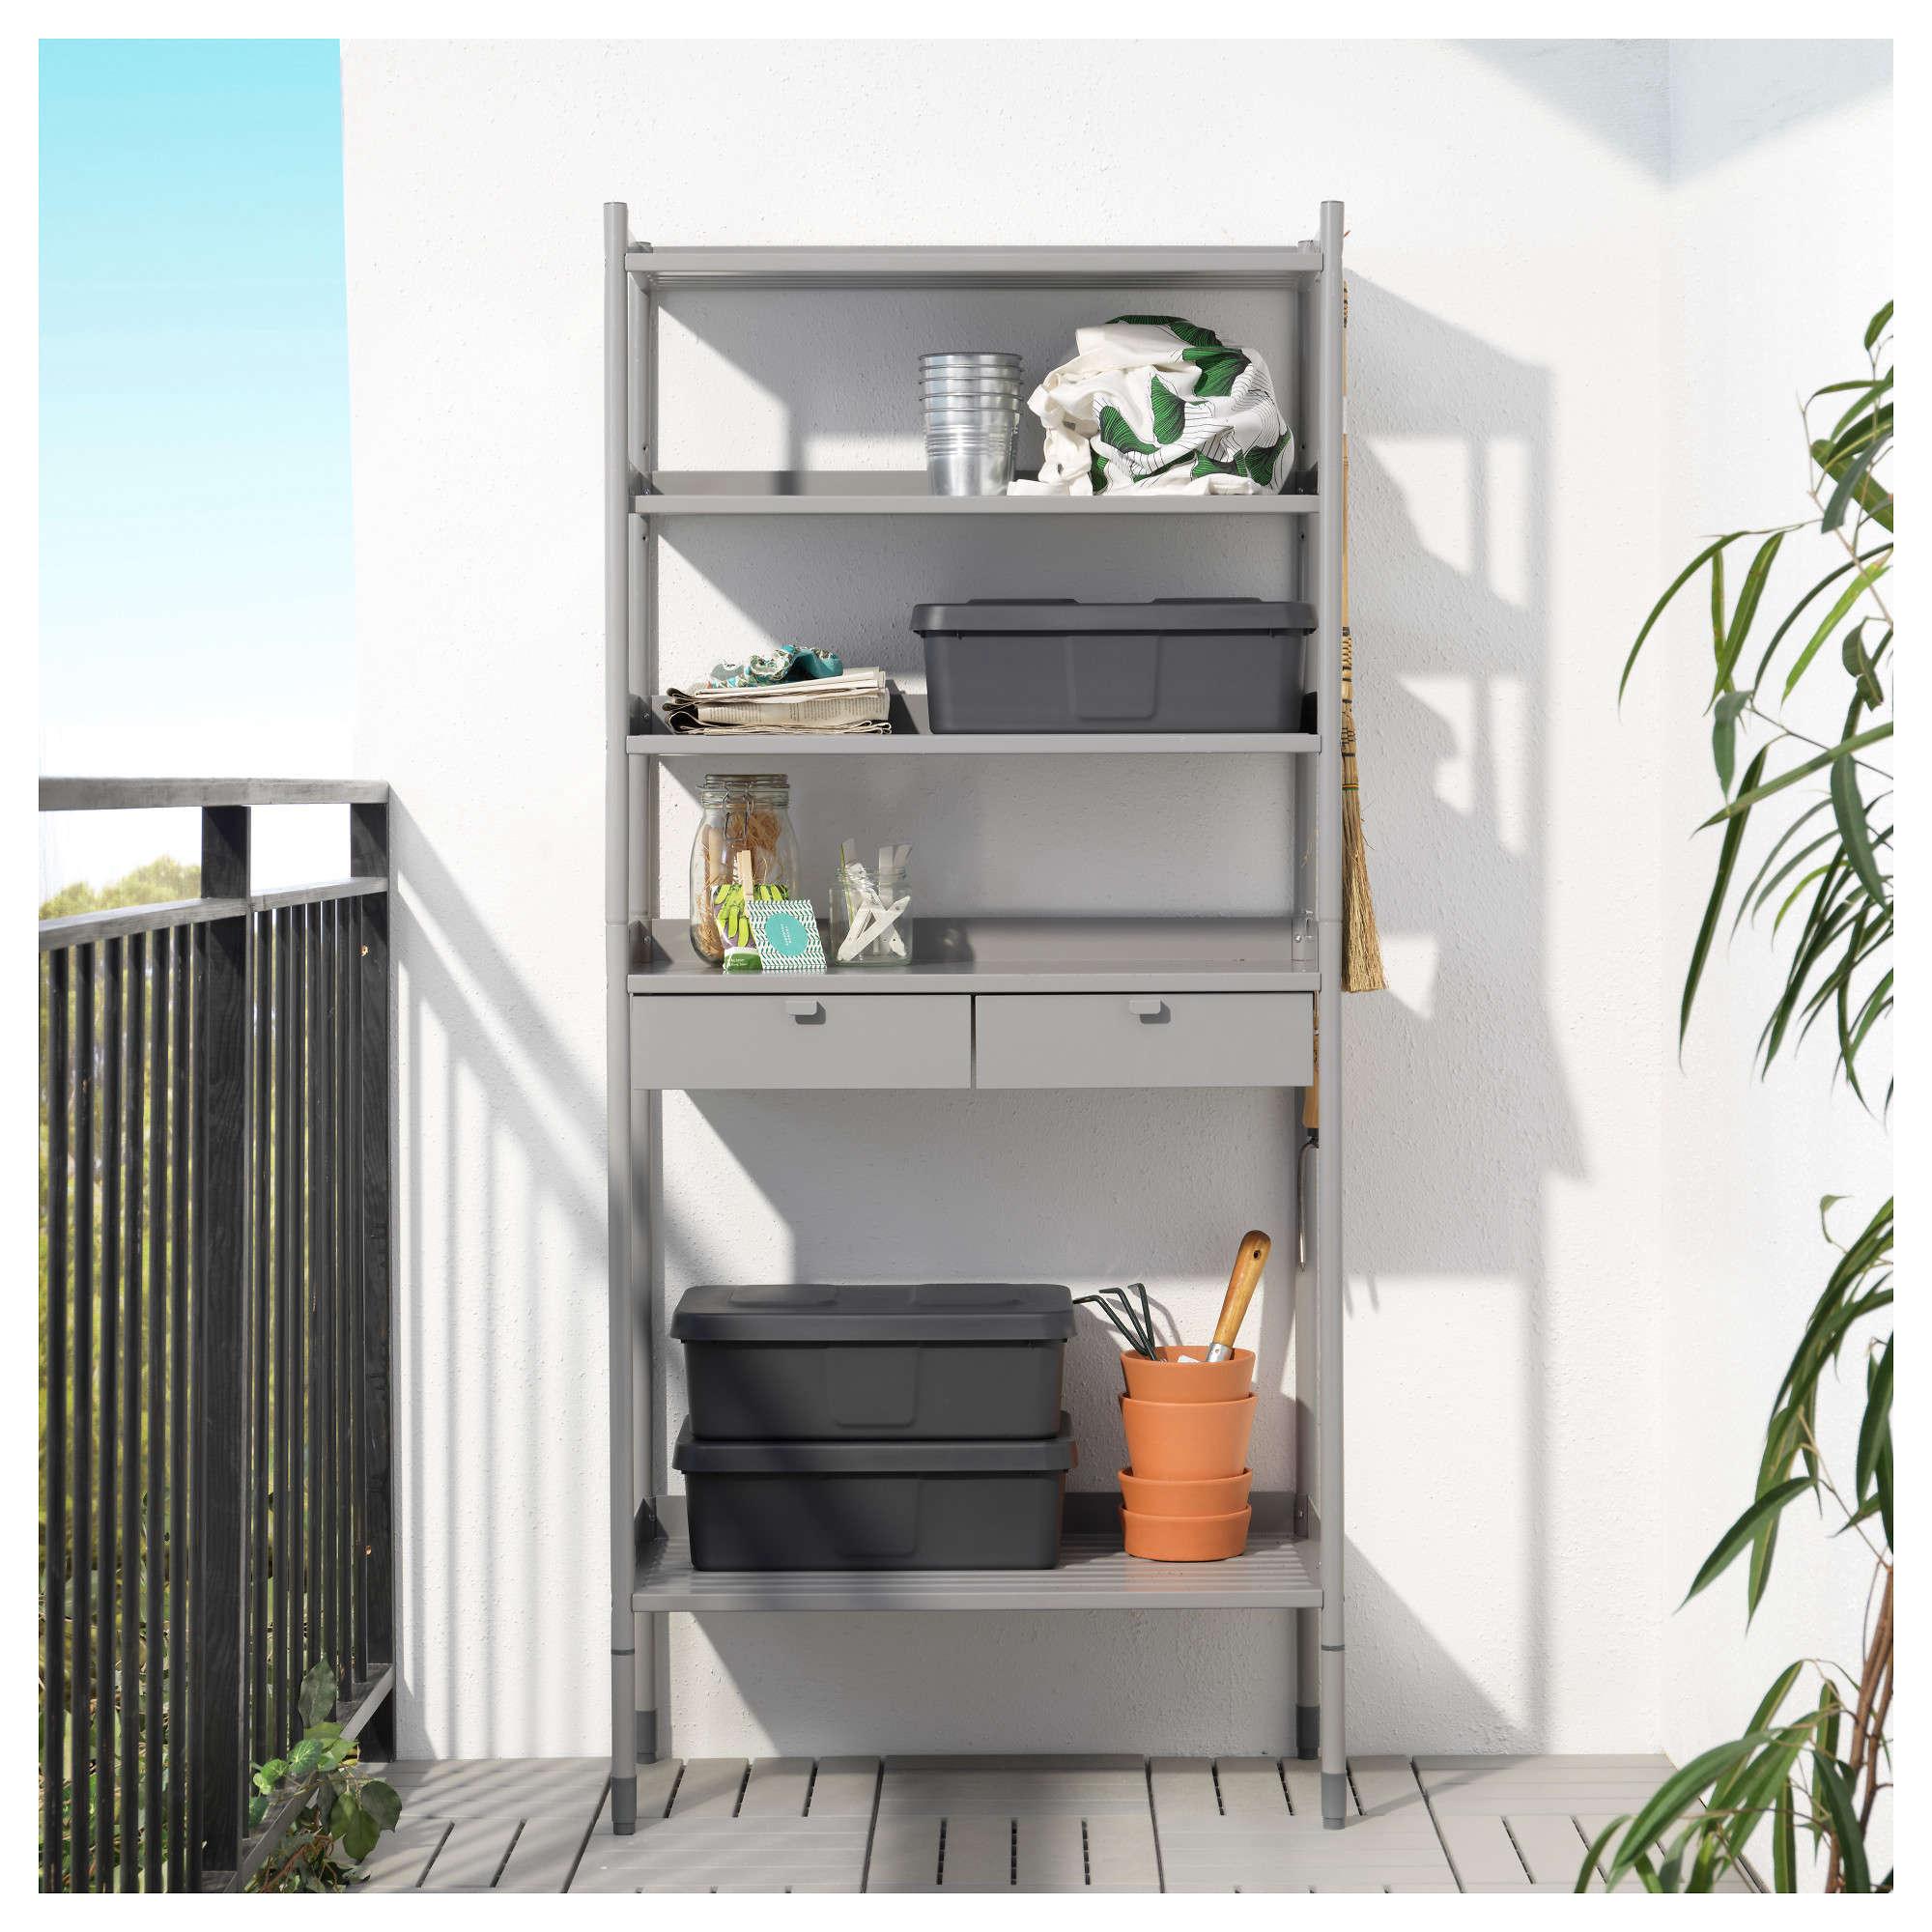 hindo-potting-plant-shelves-storage-ikea